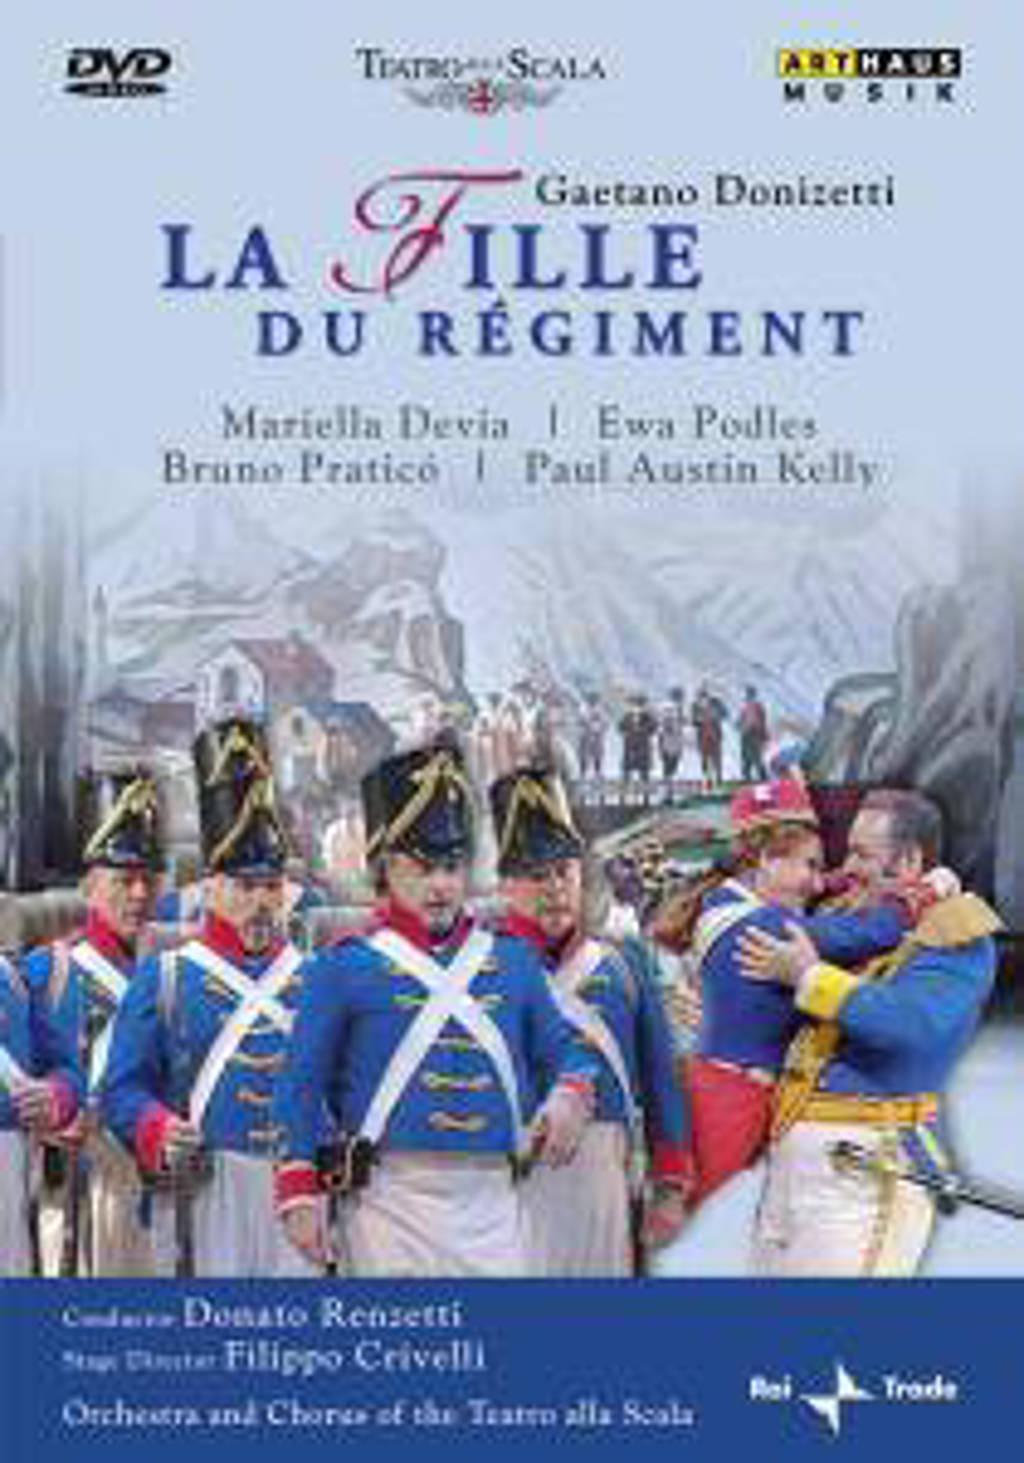 La Fille Du Regiment Scala 1996 (DVD)